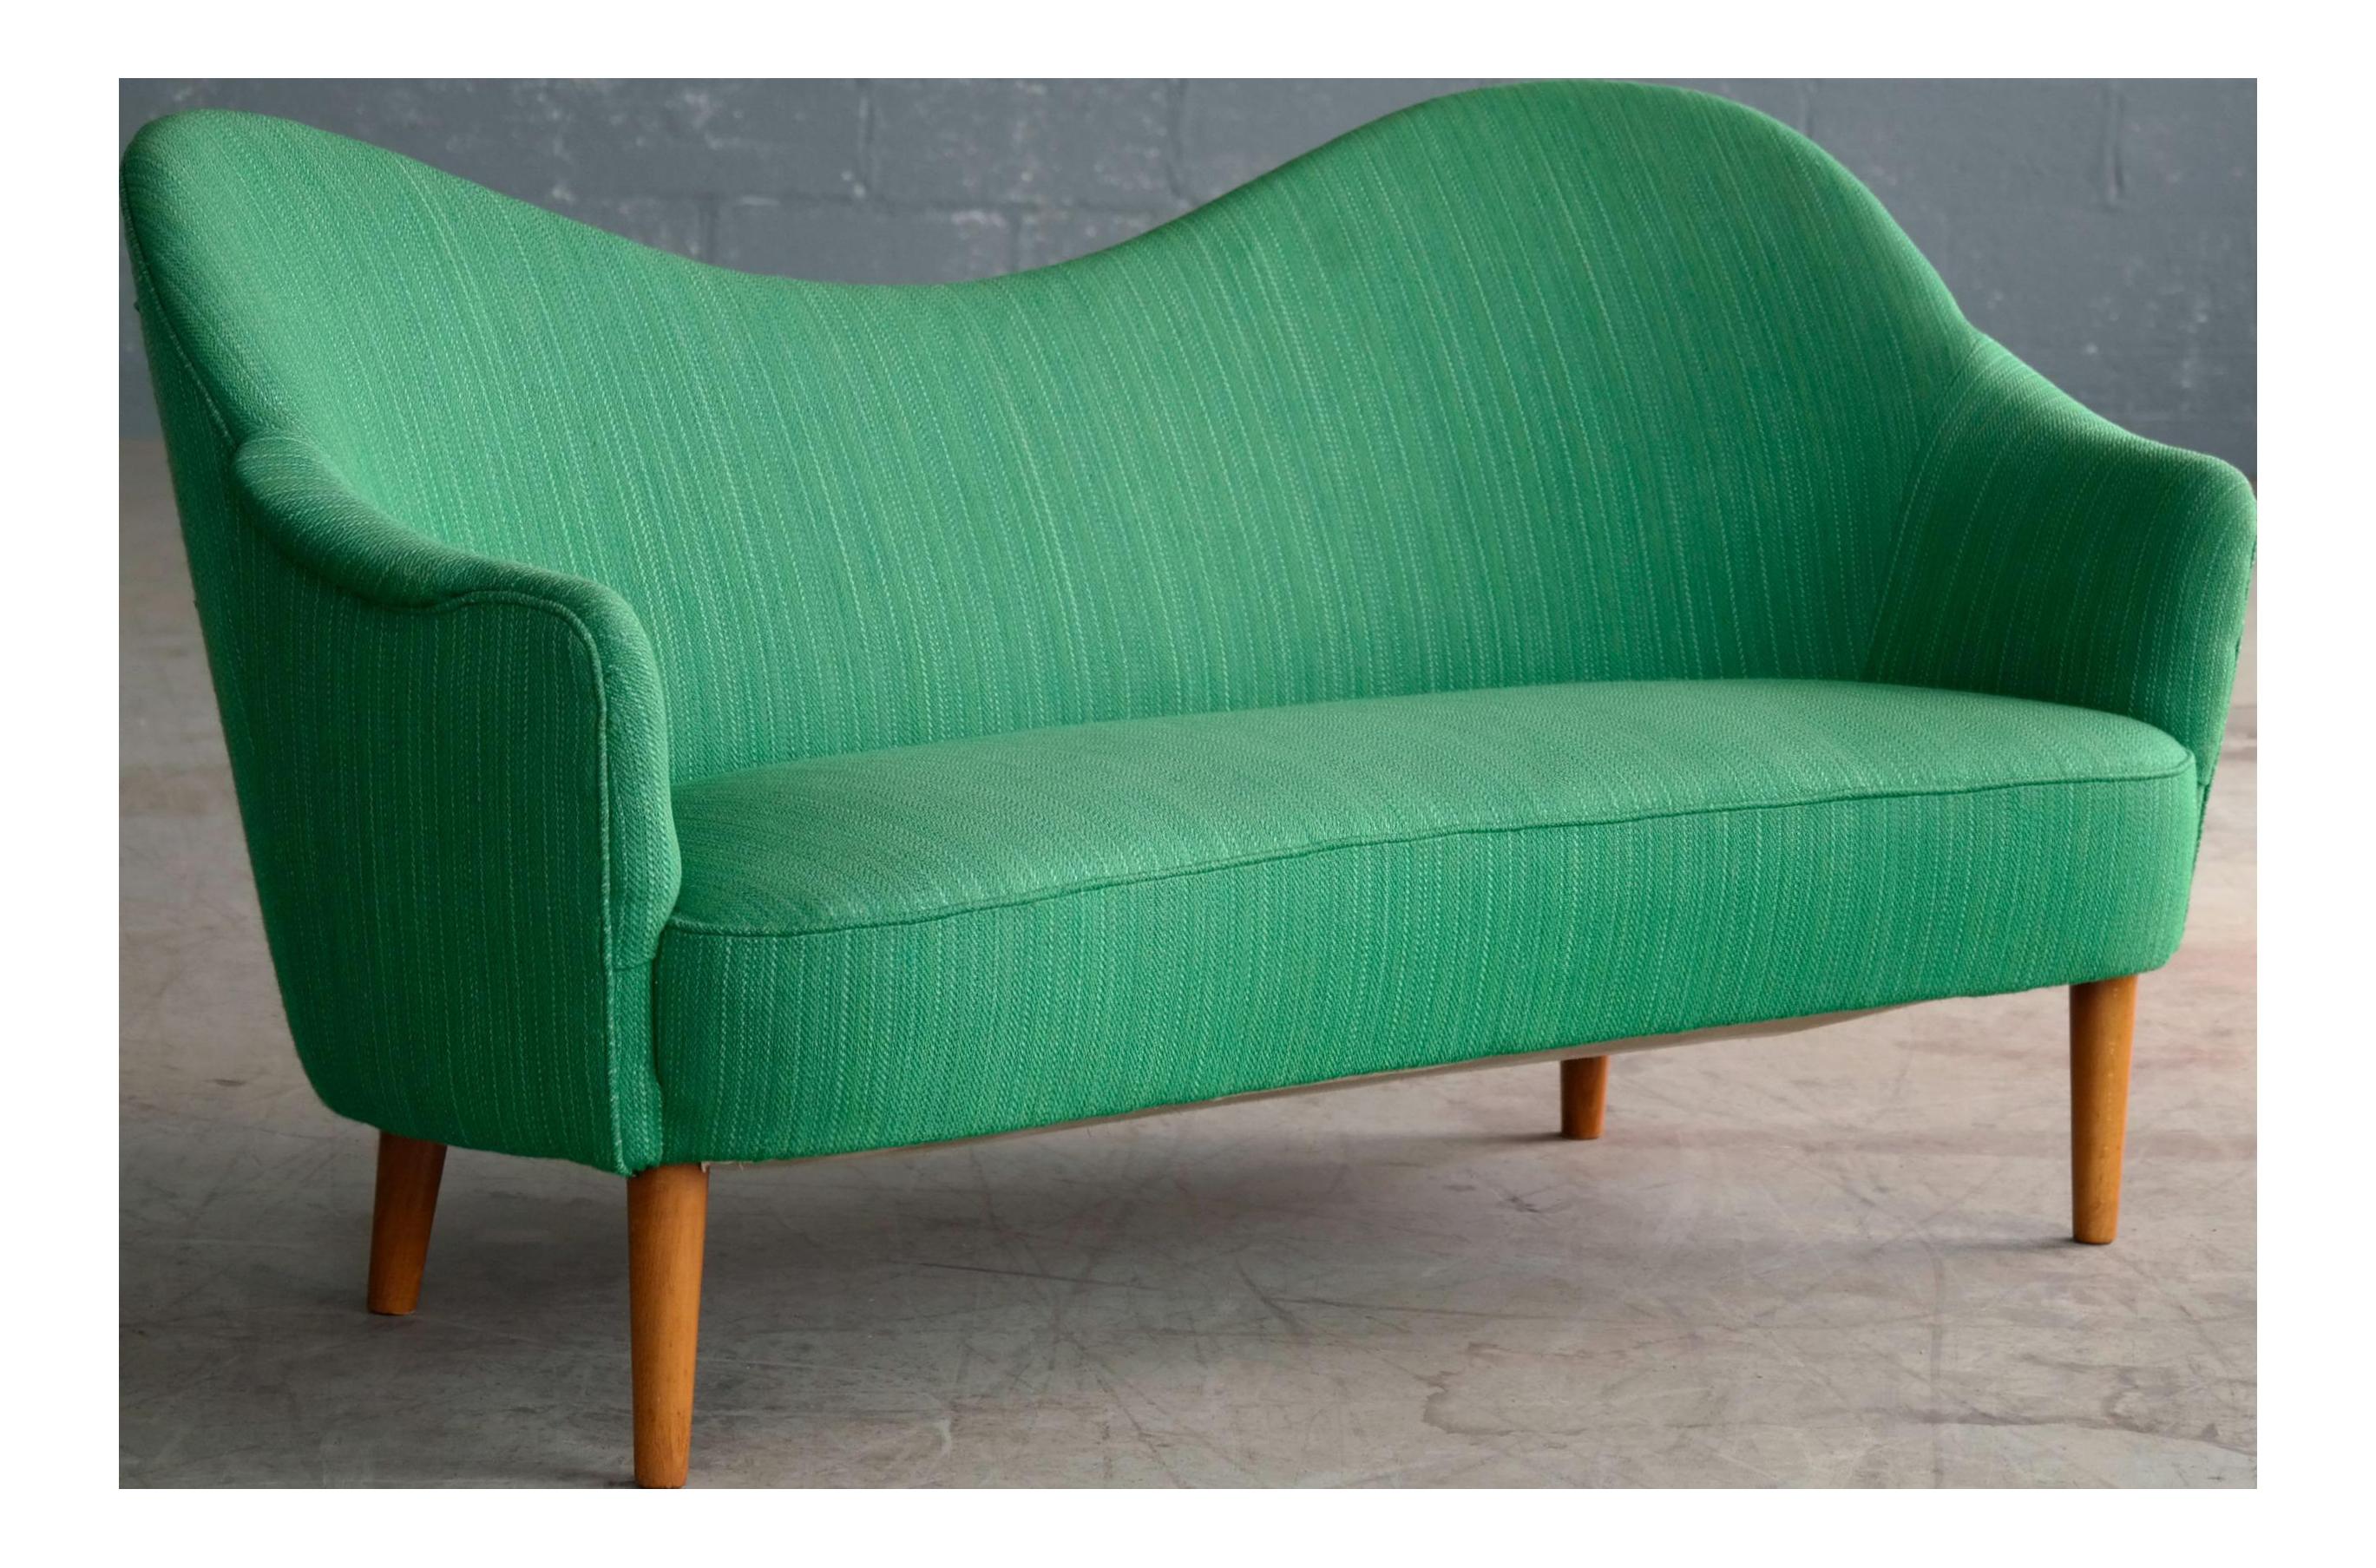 carl malmsten 1950s sofa model samspel for oh sjogren - Mid Century Modern Decor